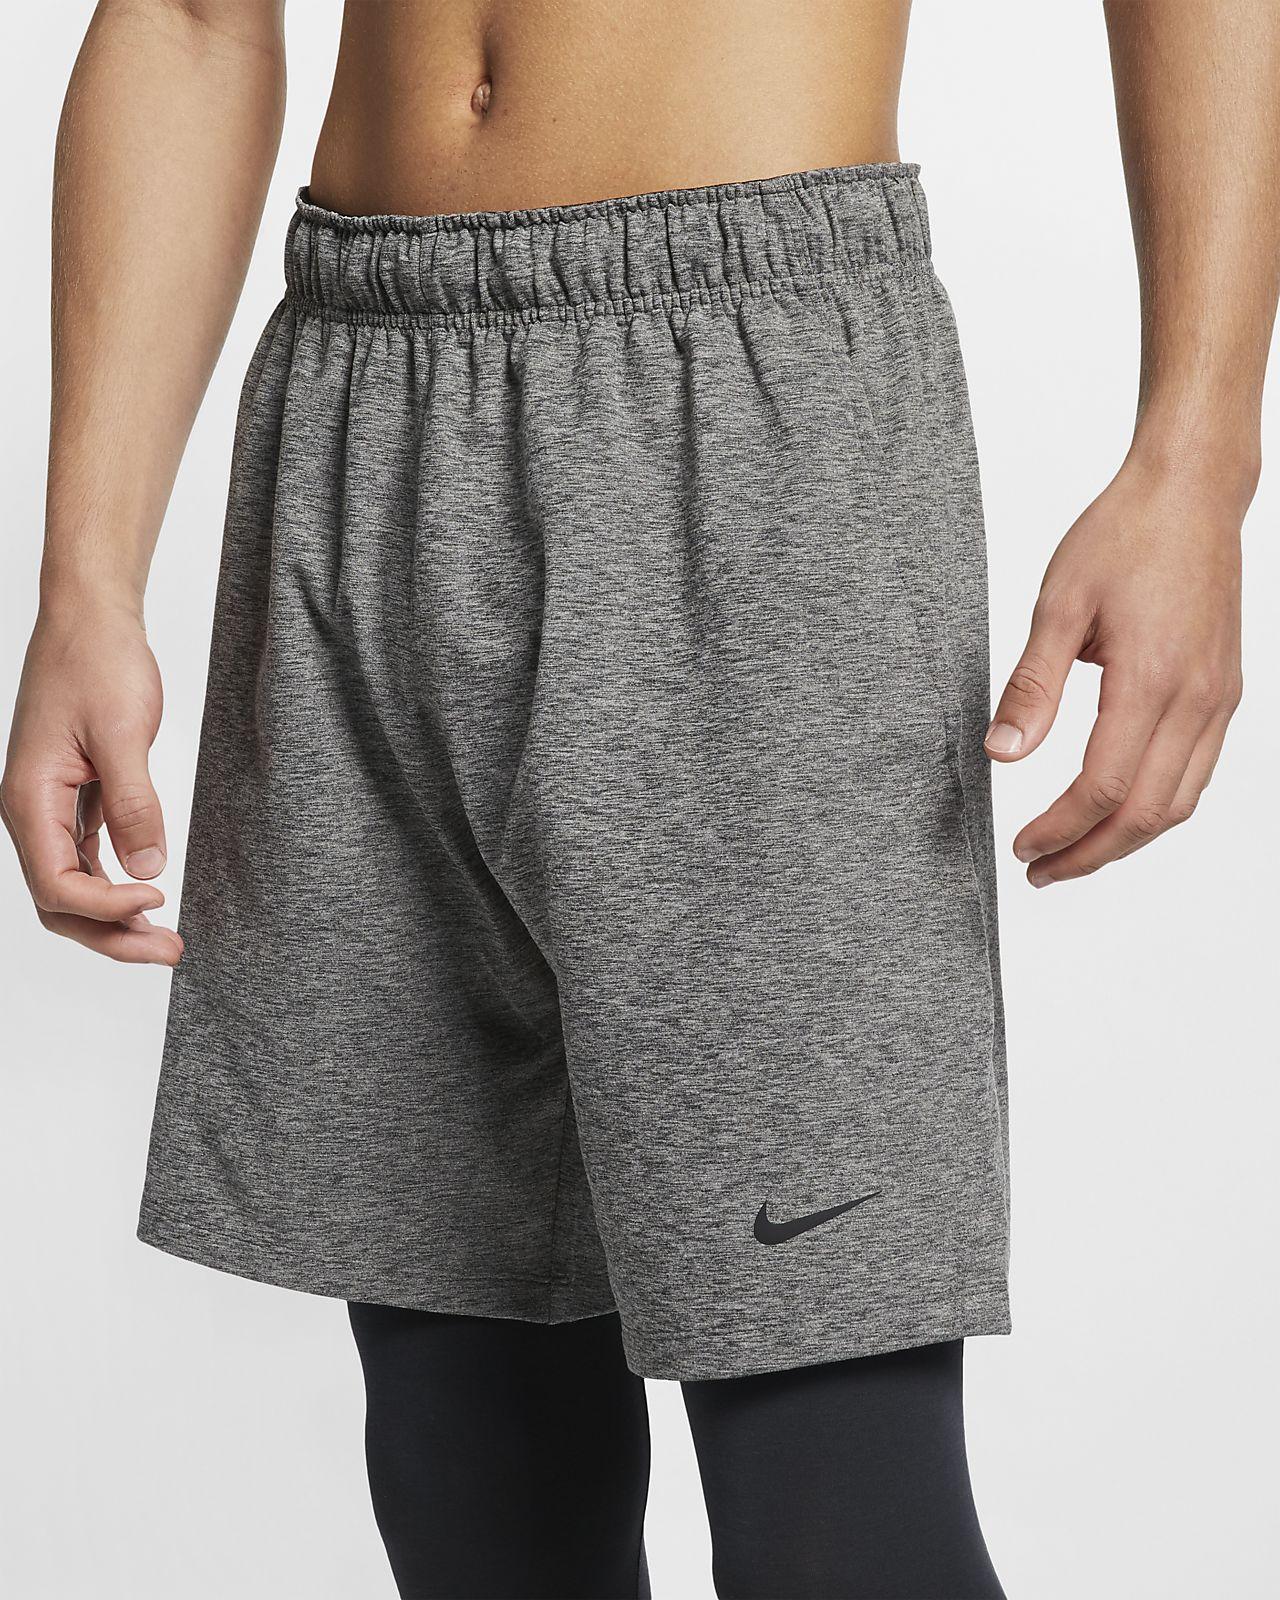 กางเกงขาสั้นเทรนนิ่งโยคะผู้ชาย Nike Dri-FIT